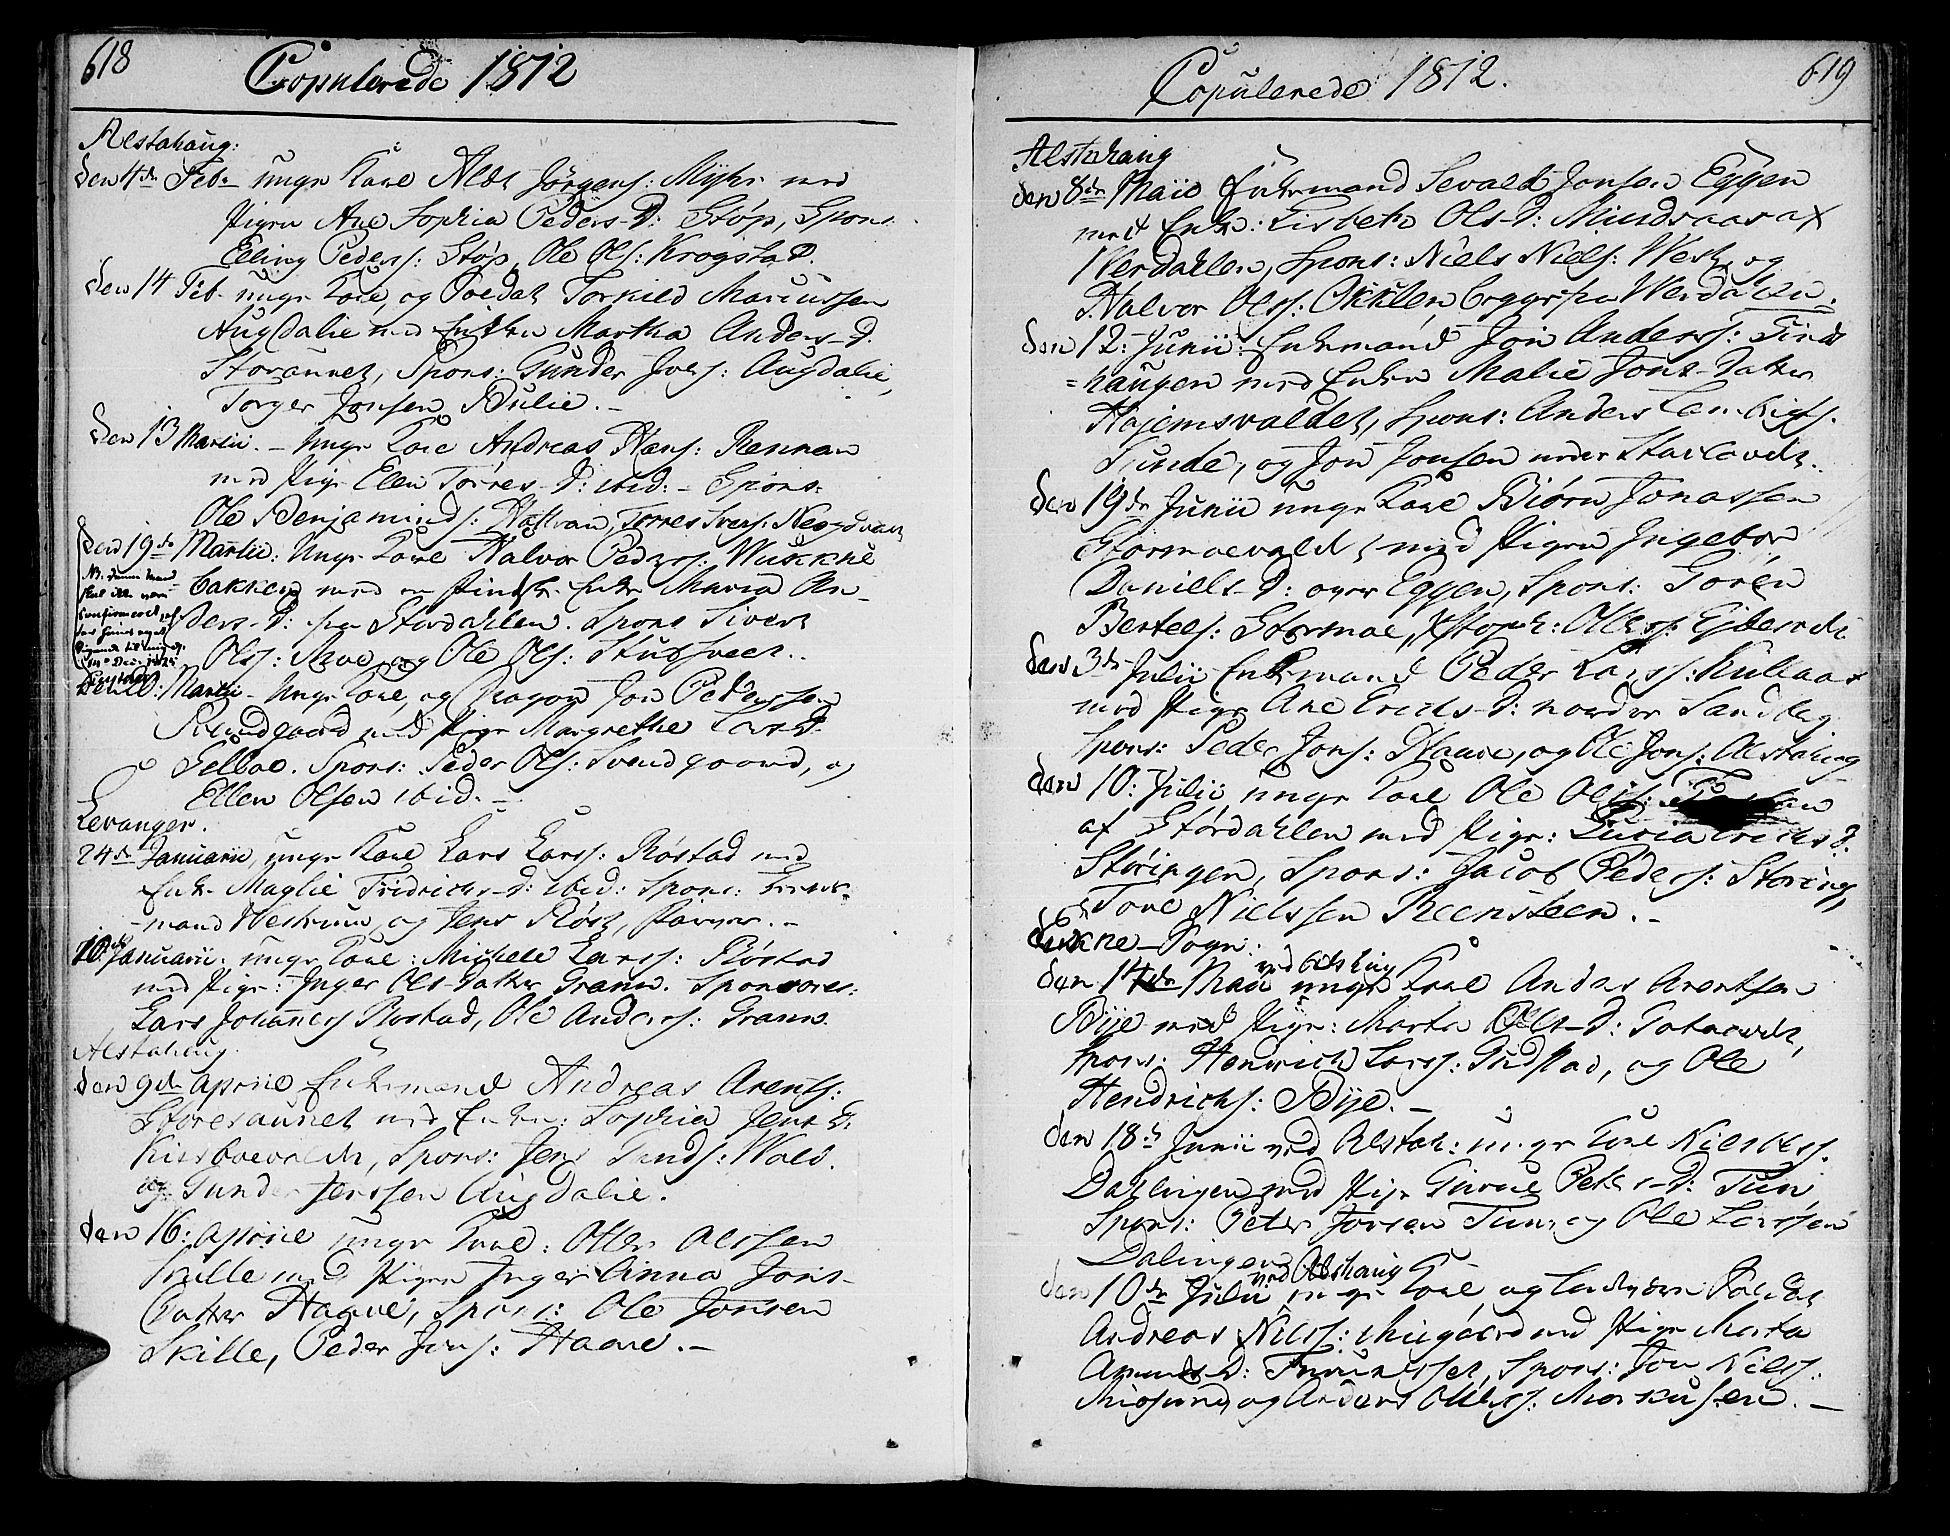 SAT, Ministerialprotokoller, klokkerbøker og fødselsregistre - Nord-Trøndelag, 717/L0145: Ministerialbok nr. 717A03 /1, 1810-1815, s. 618-619